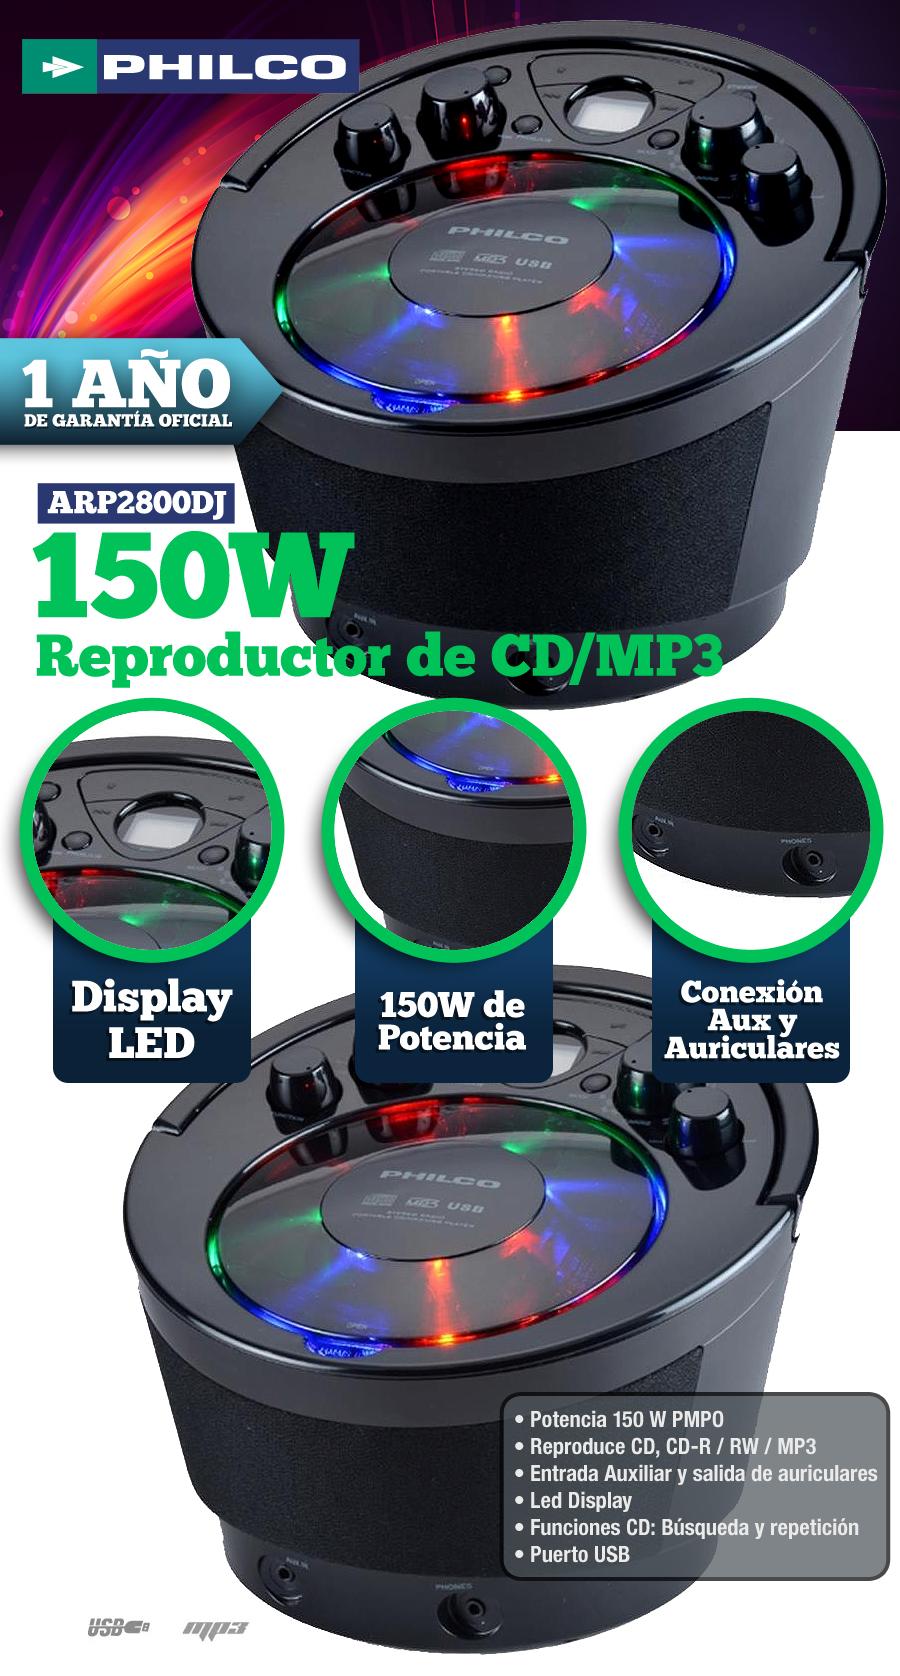 Reproductor de CD   MP3 Philco ARP2800DJ 150W